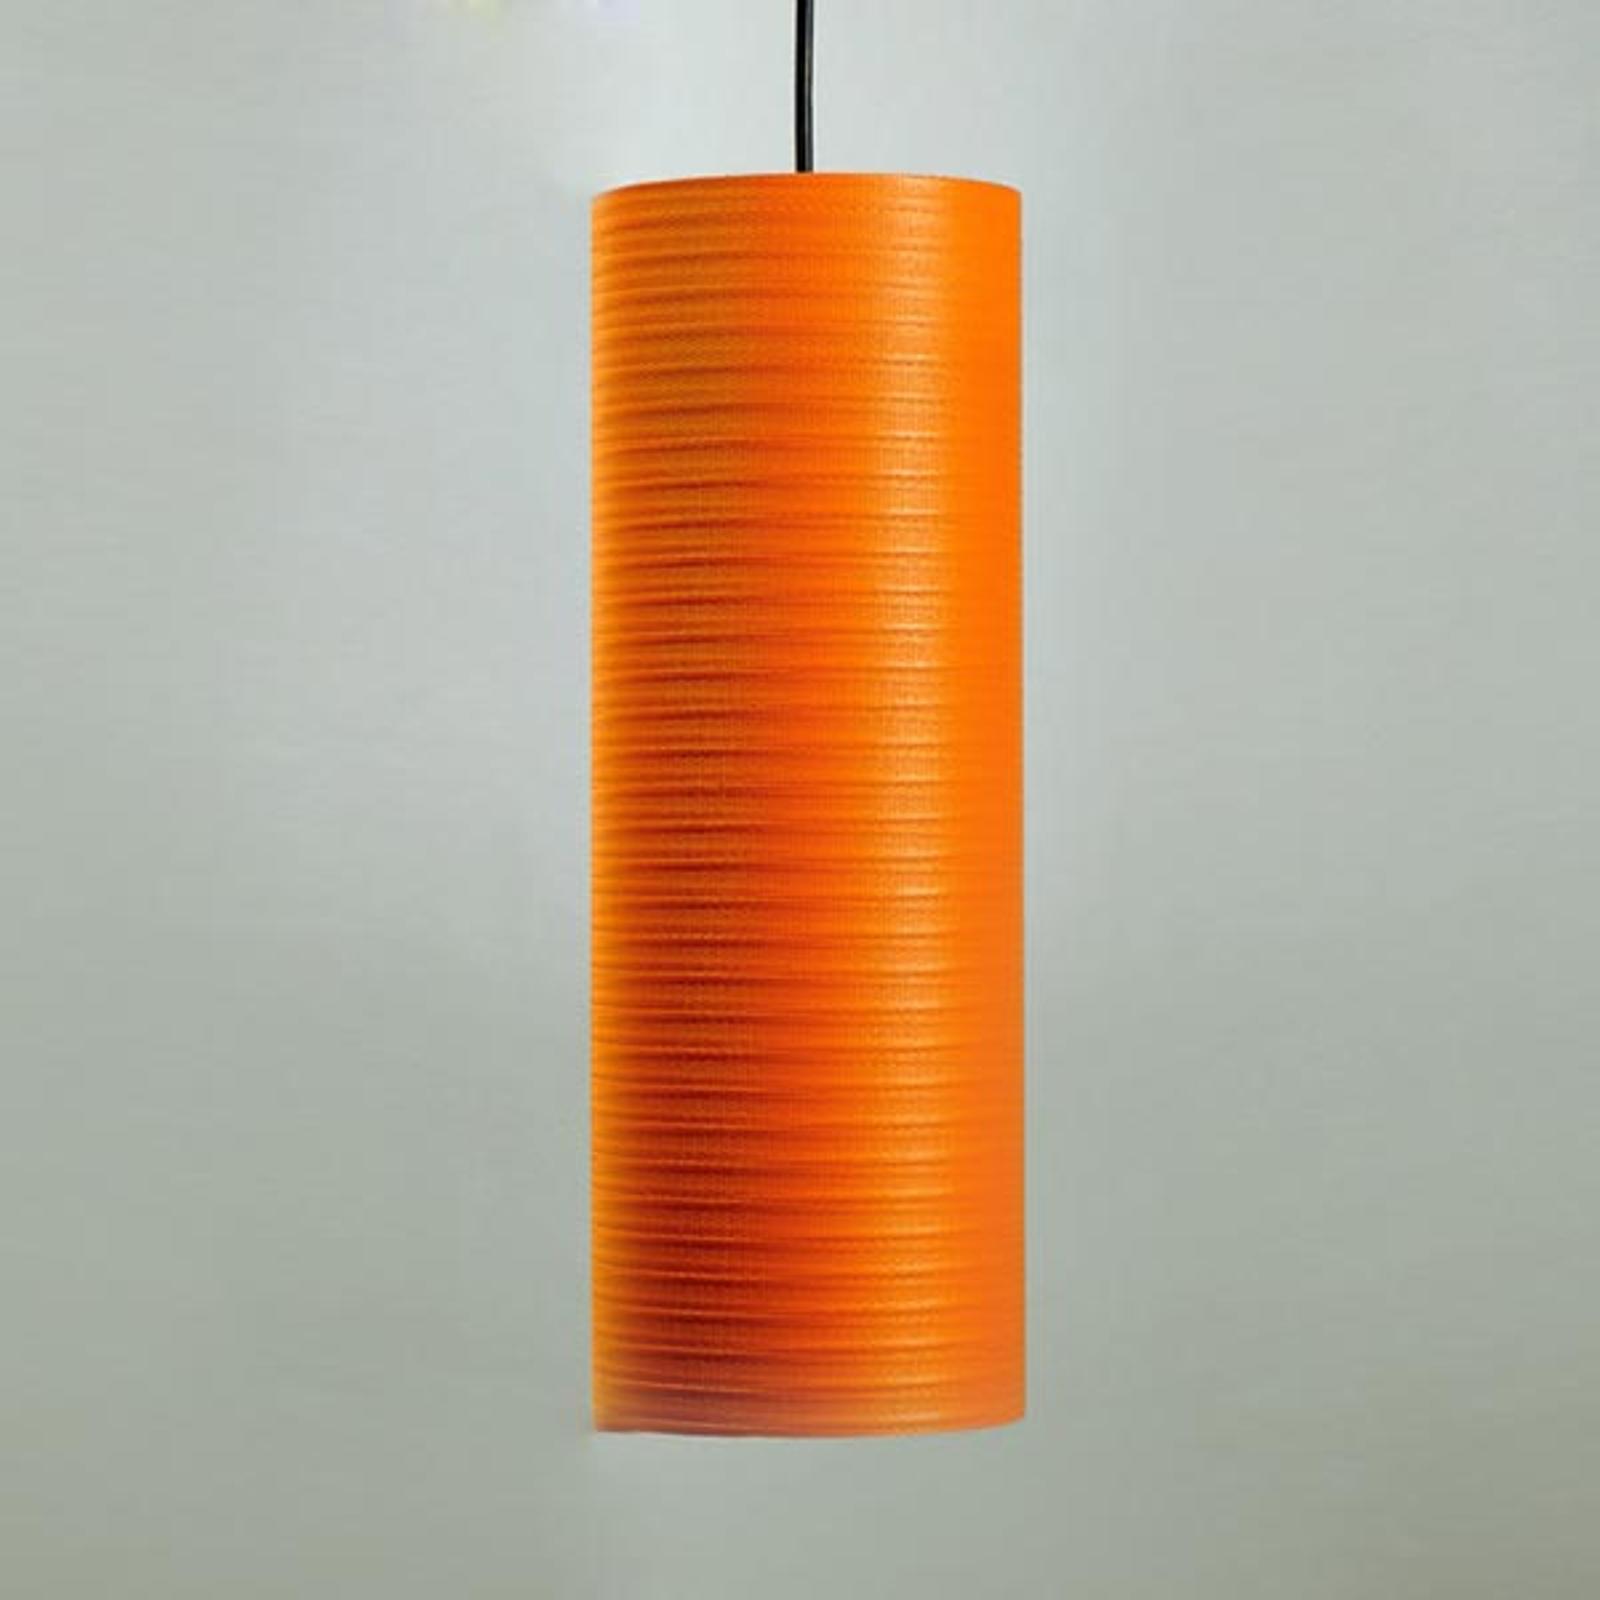 Lampa wisząca Tube, 30cm, pomarańczowa